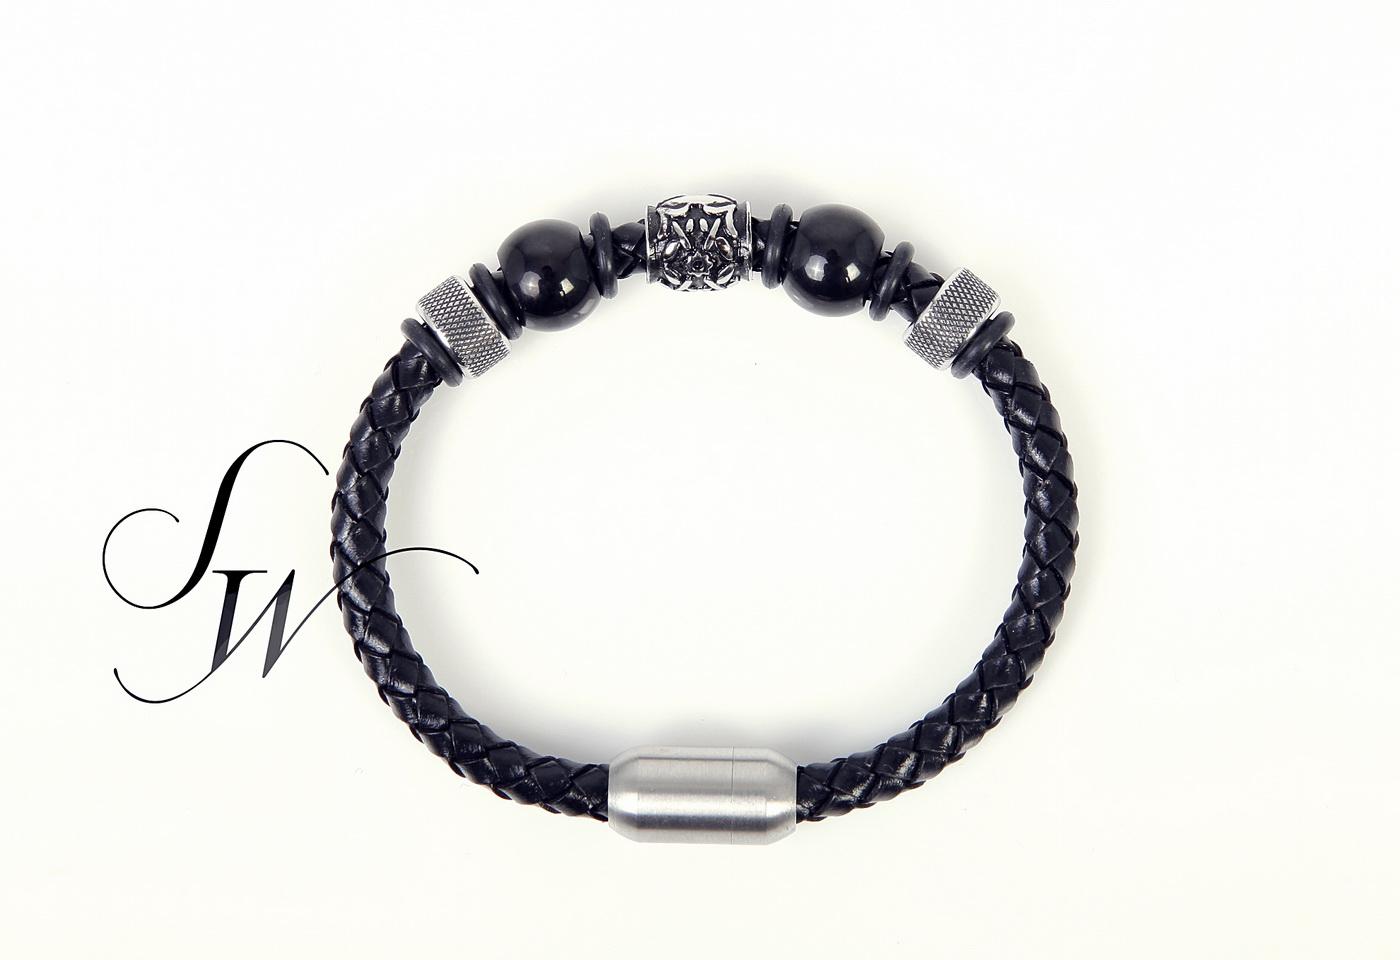 SW正韓韓國製時尚精品~磁石扣頭串珠編織皮革手環黑GD BV K81119